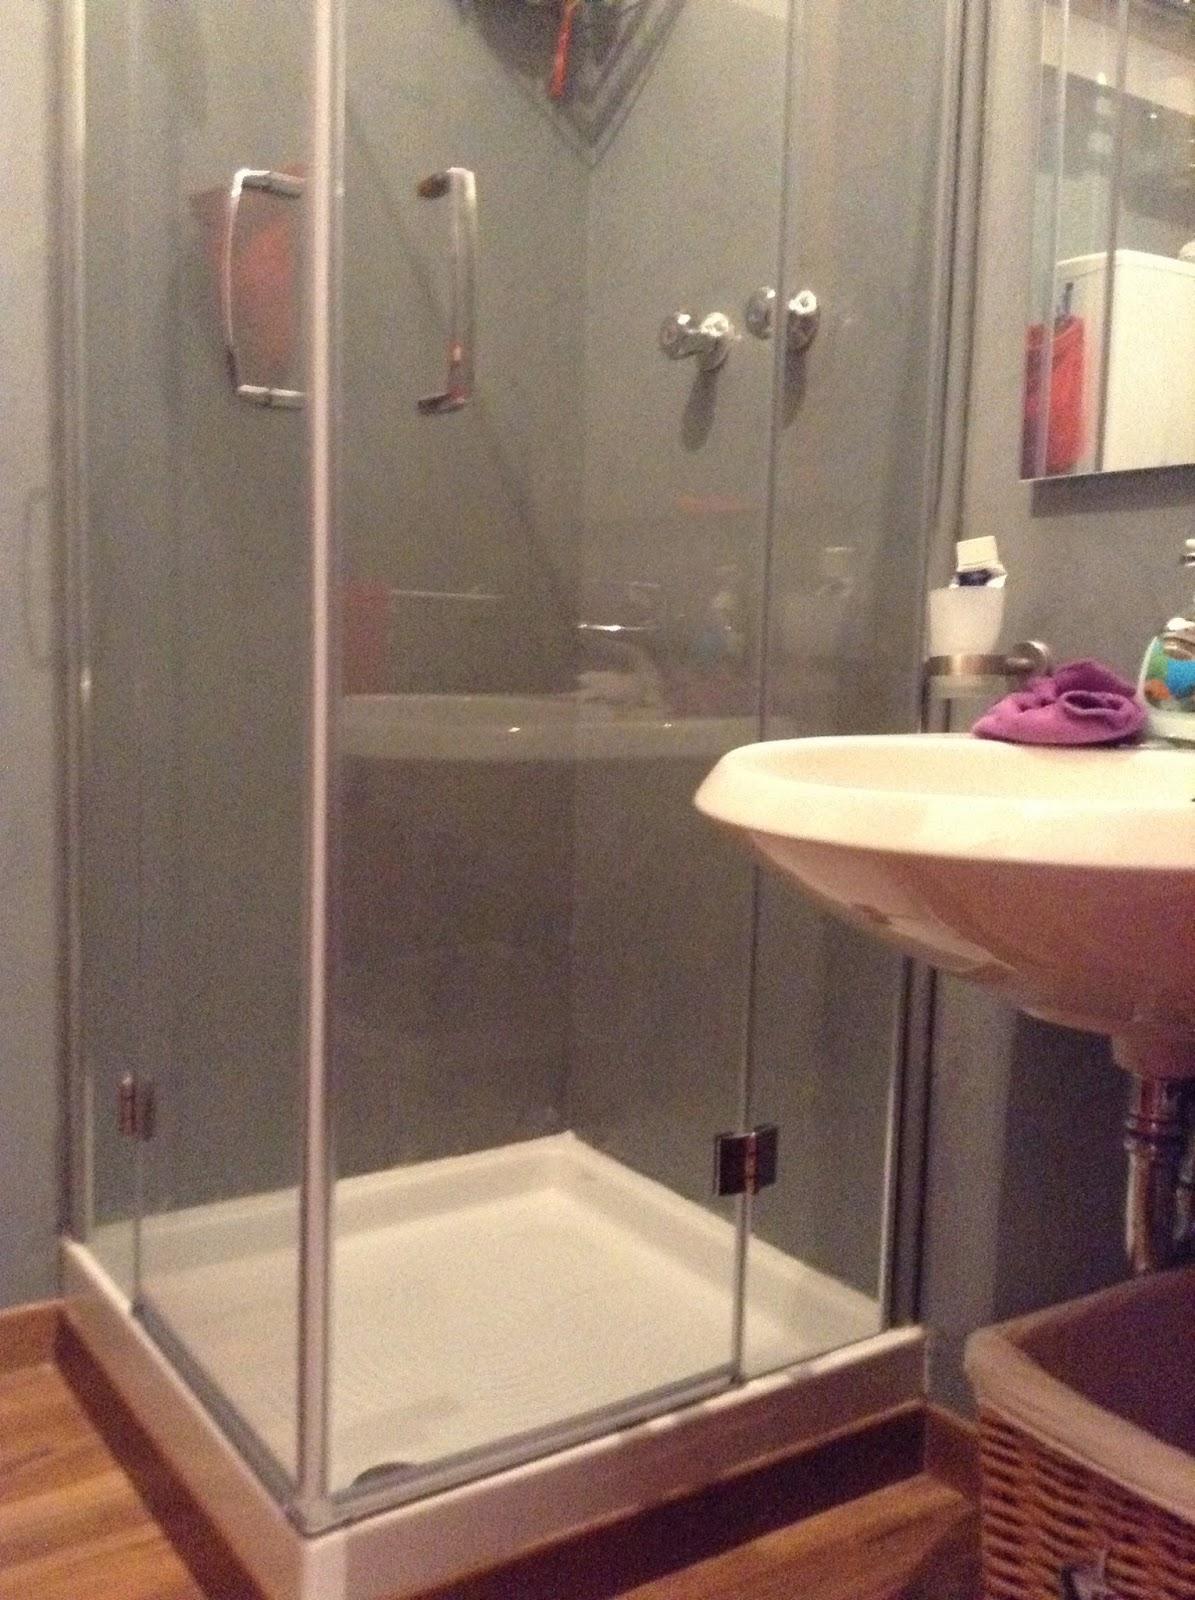 Coprire le piastrelle del bagno - Aspiratore bagno senza uscita esterna ...